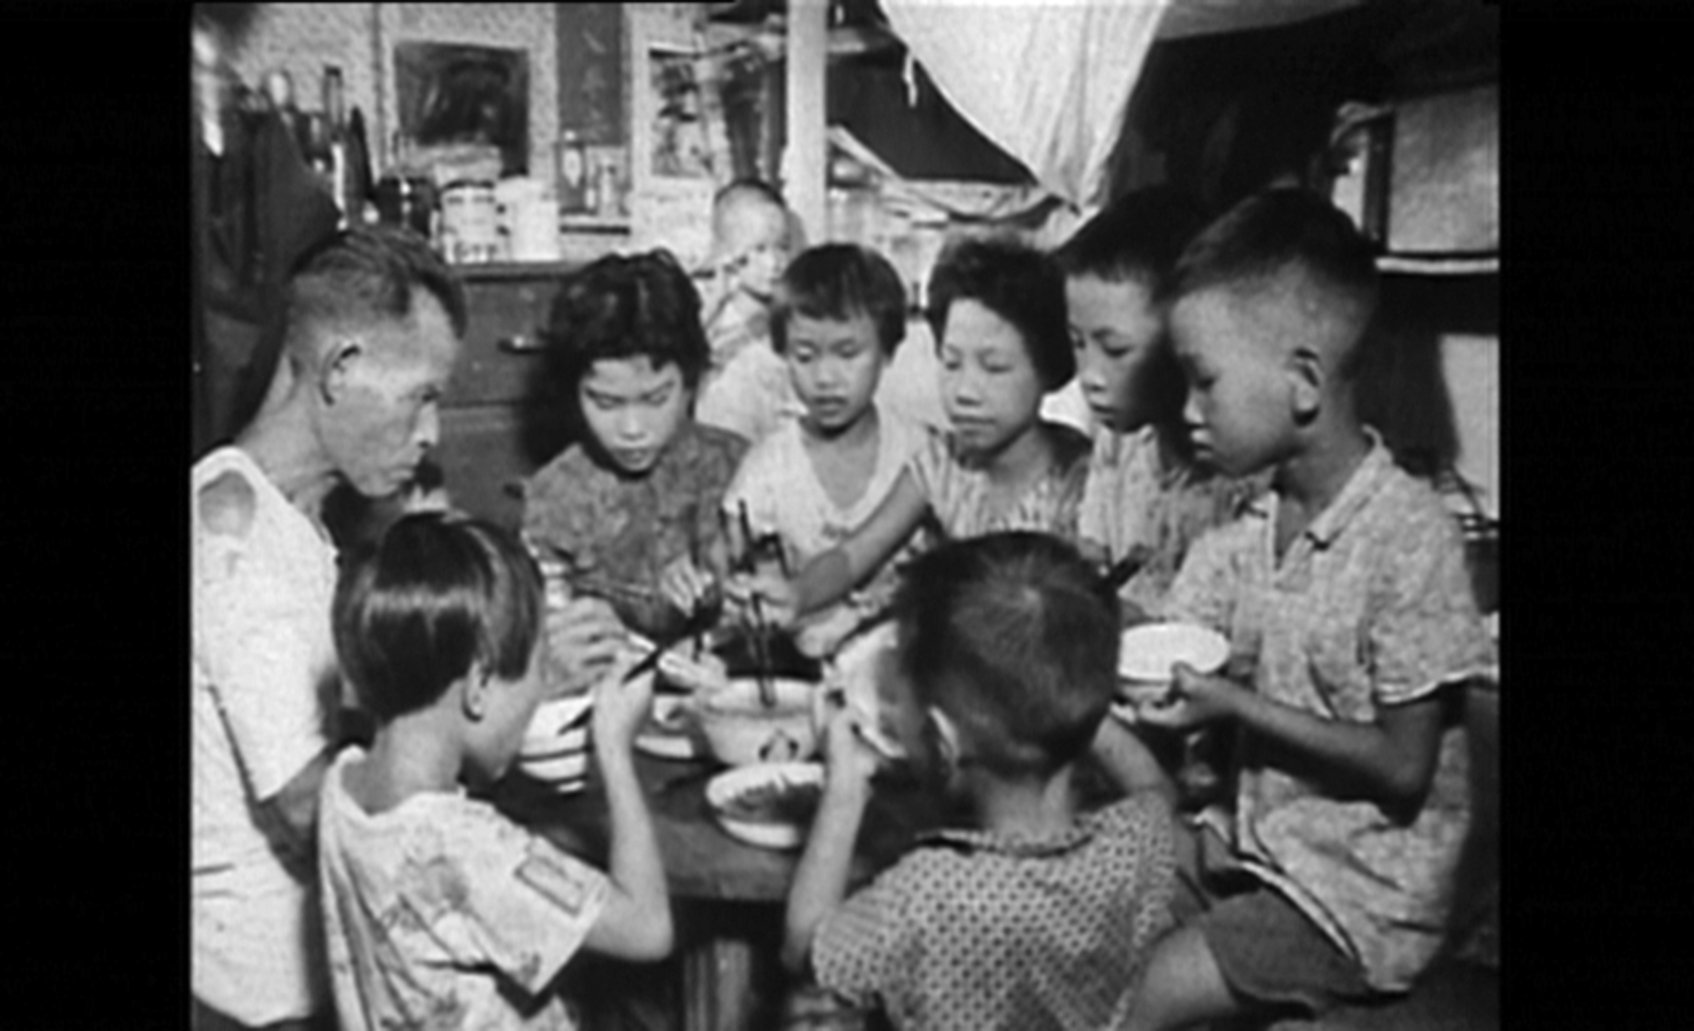 「嬰兒潮」一代人在60年代進入大學,他們在戰後優裕的環境中長大,社會關懷被共產主義意識形態誤導到反戰、女權等運動上。(網絡圖片)